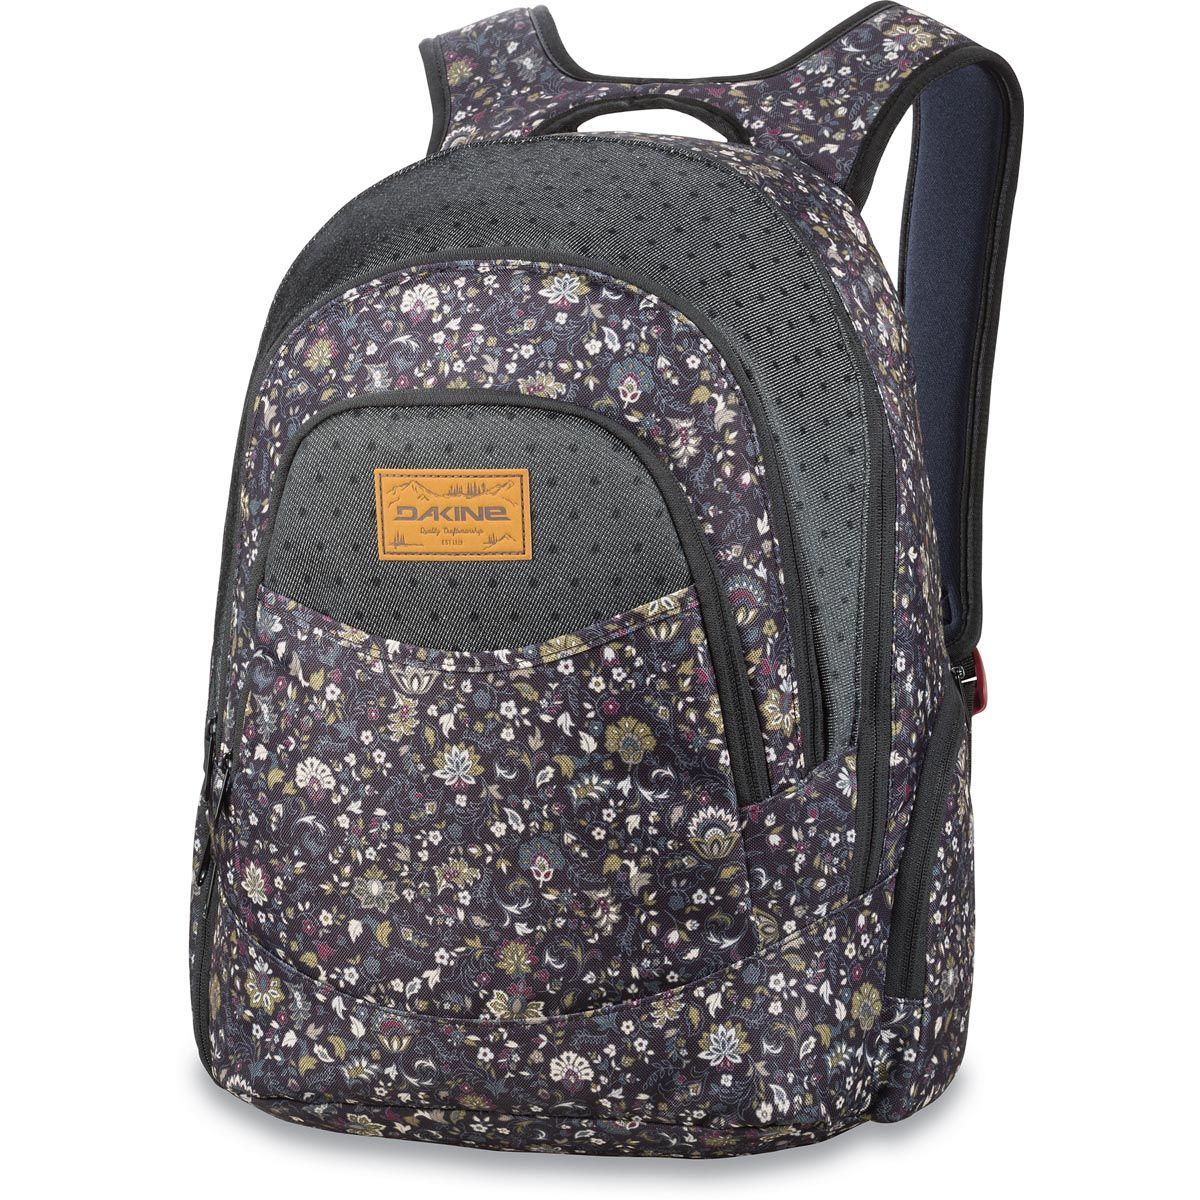 Der Nbsp Dakine Prom 25l Rucksack Nbsp Ist Das Beliebteste Nbsp Schulrucksack Modell Fur Trendige Nbsp Girls Die Aussta Rucksack Dakine Rucksack Taschen